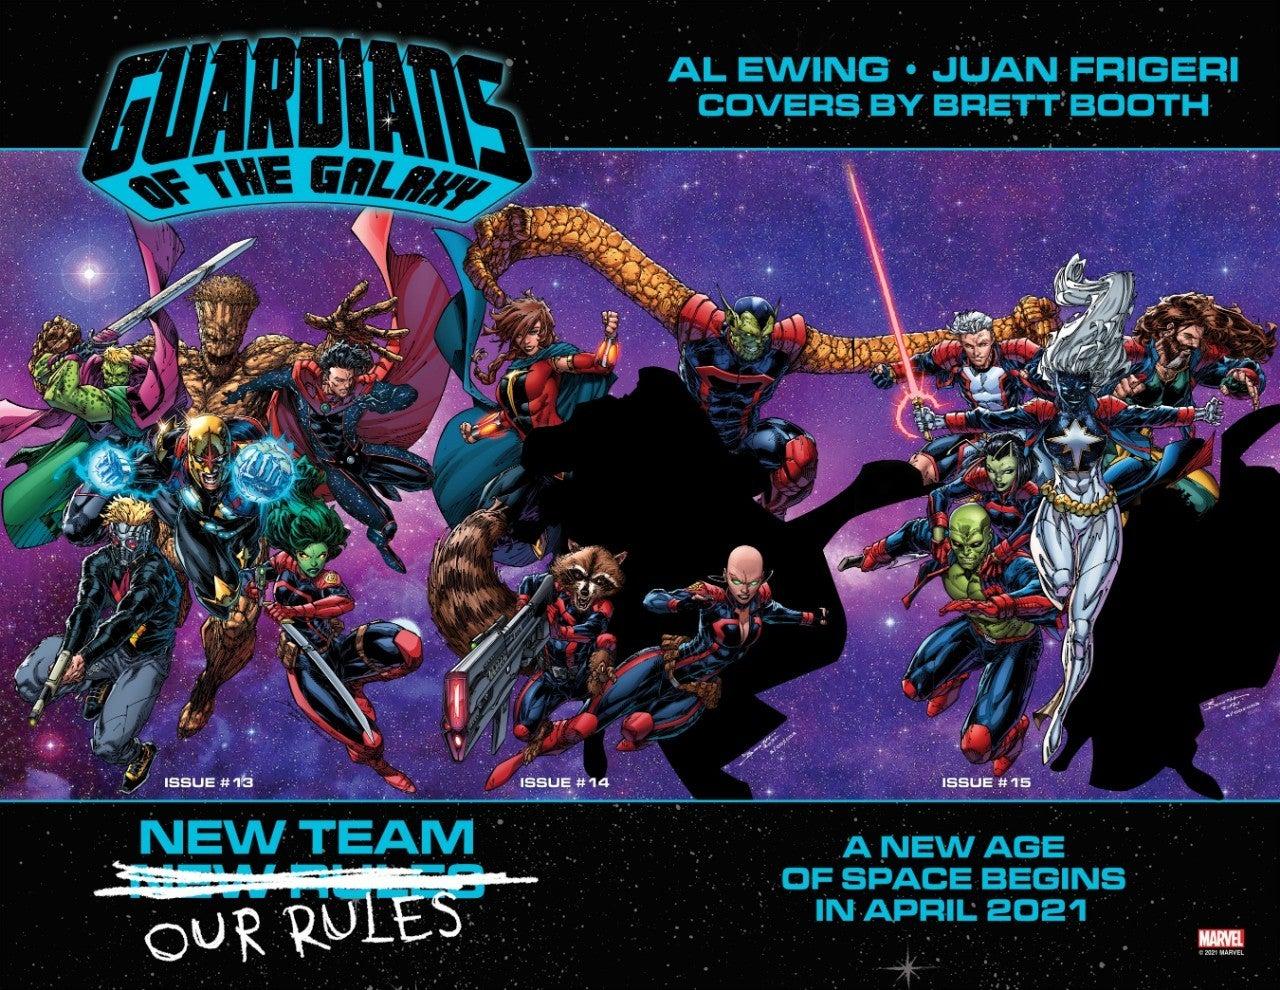 Marvel тизерят новый состав команды Стражей галактики